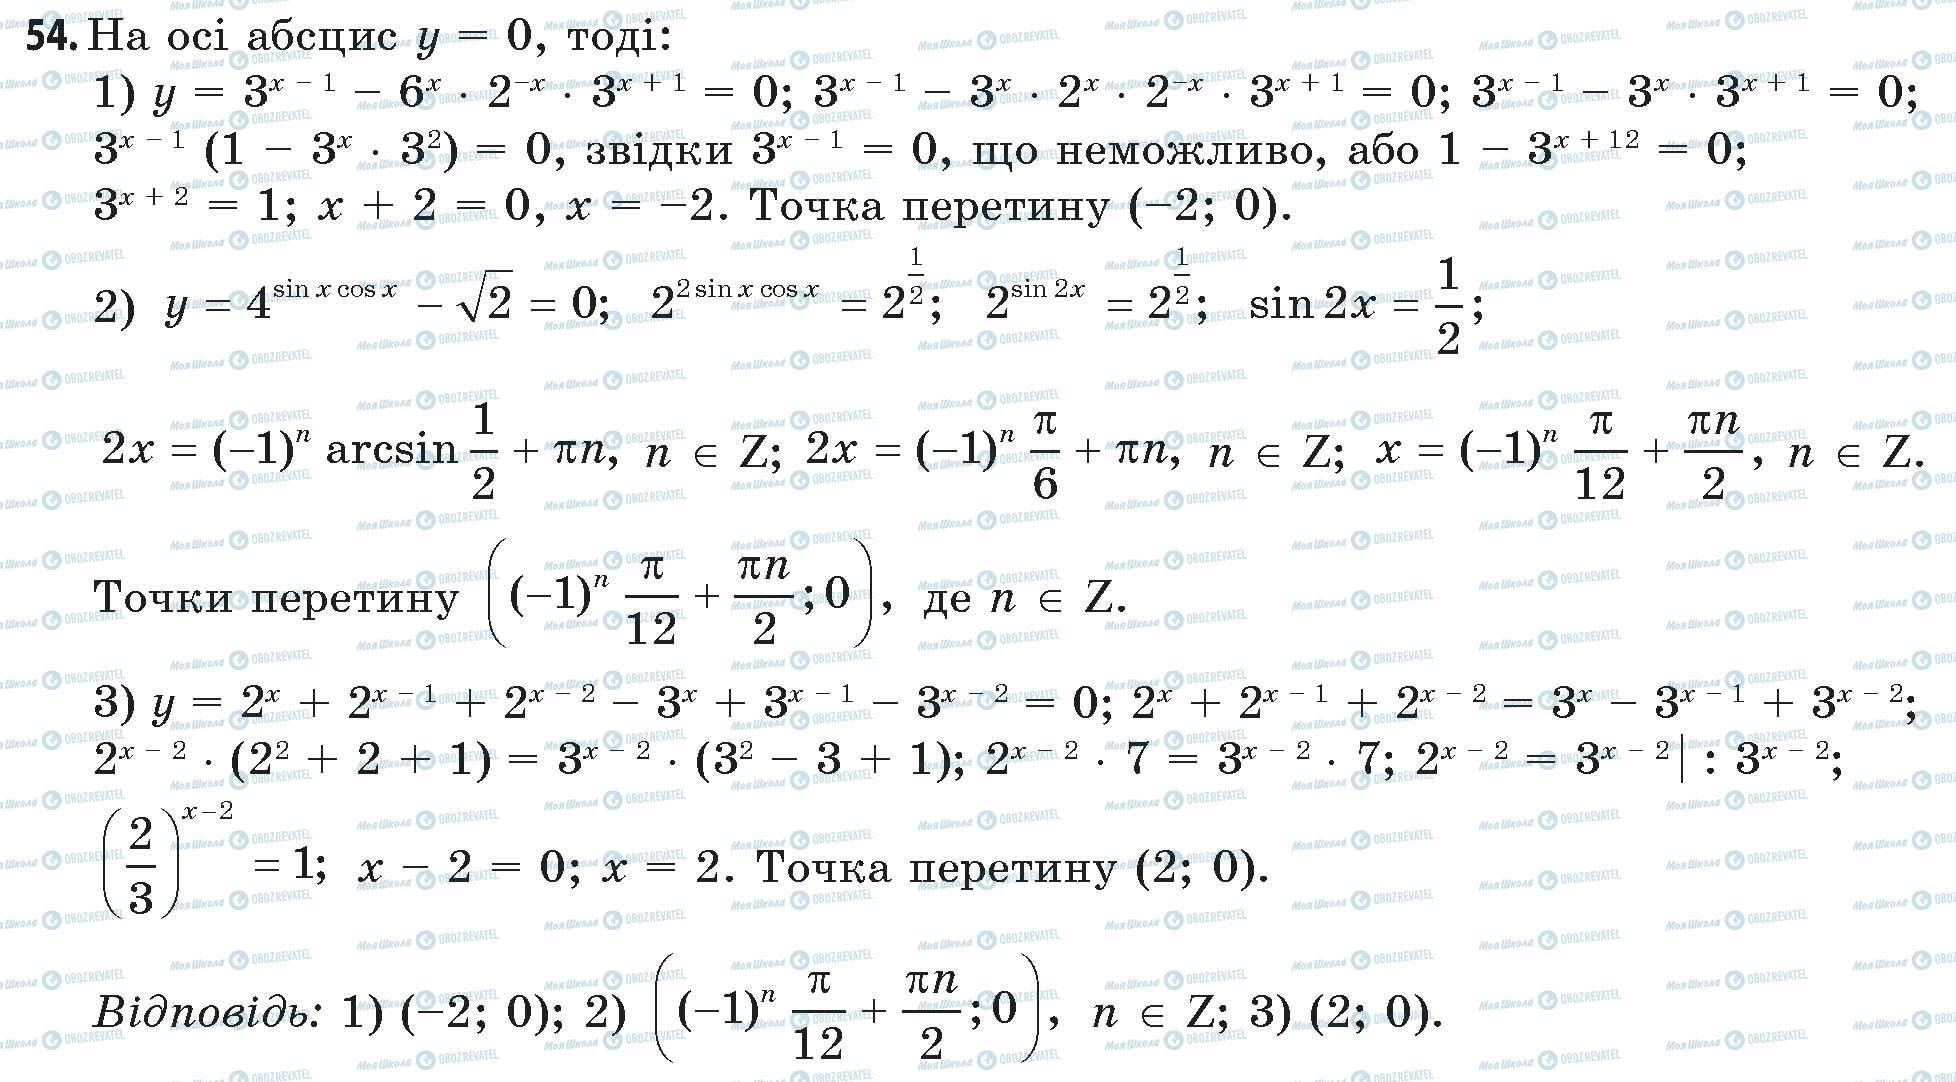 ГДЗ Математика 11 класс страница 54